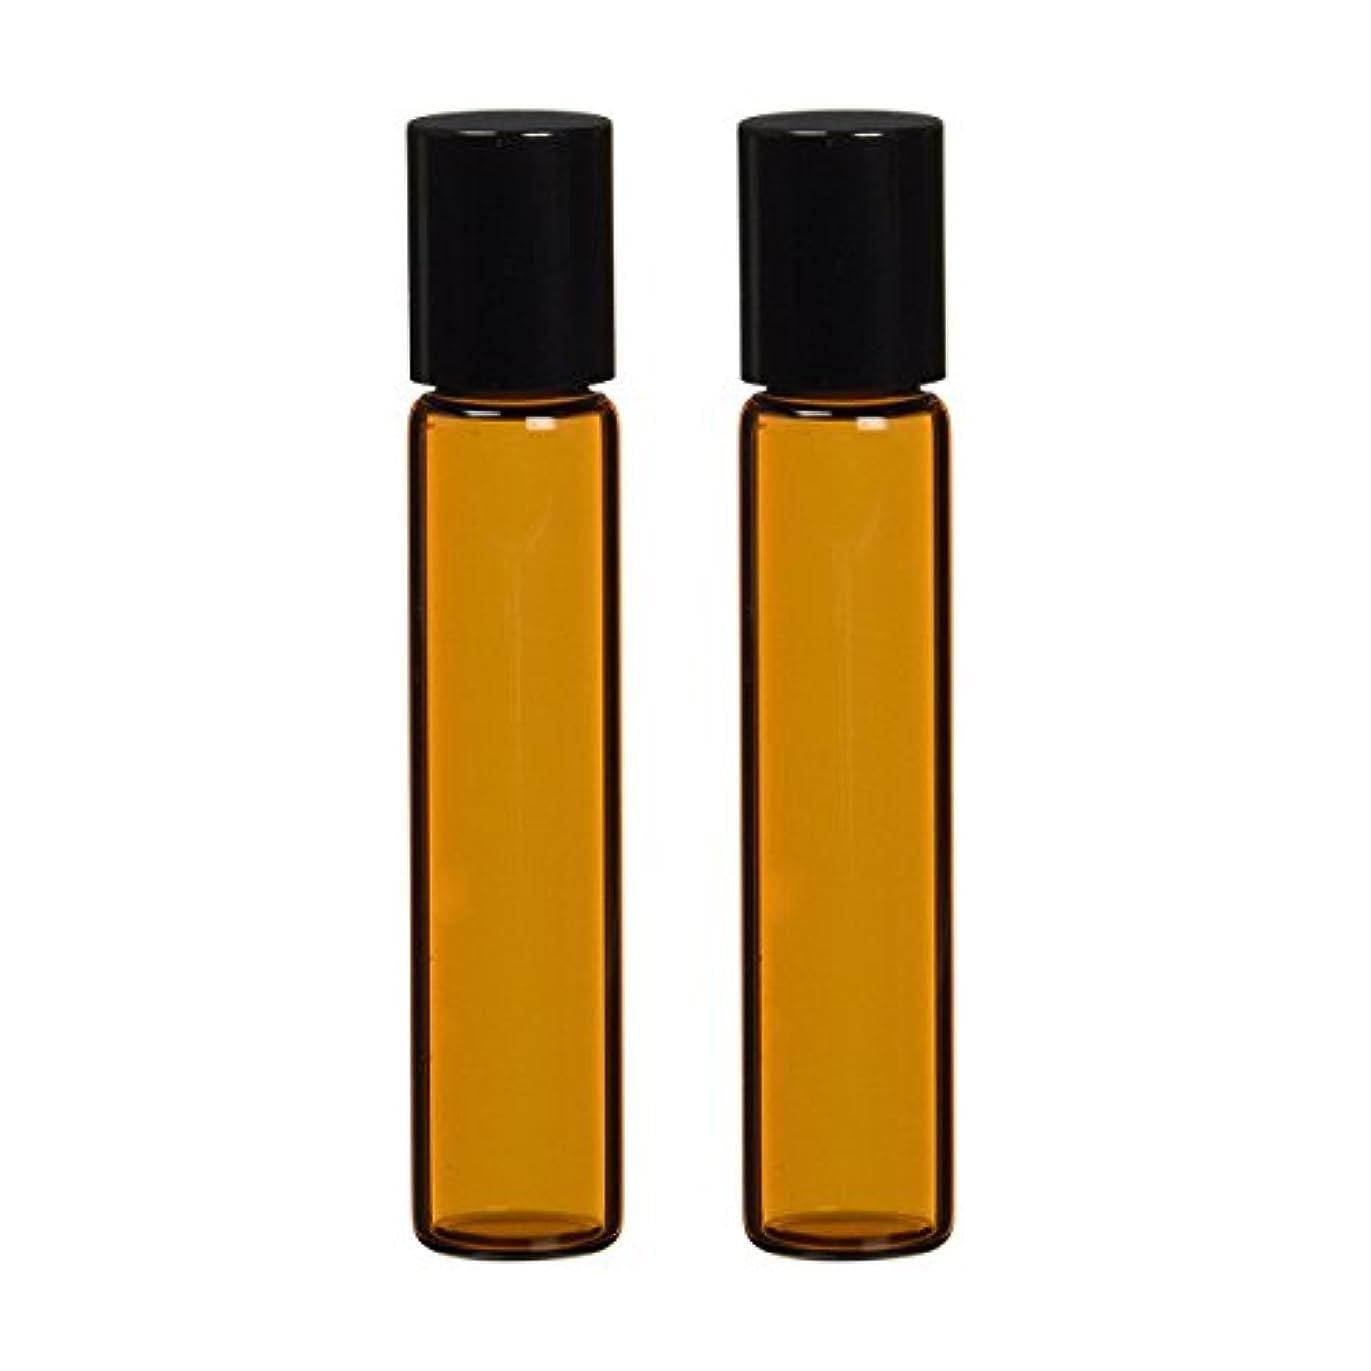 さわやか脚のど生活の木 茶色遮光ガラスロールオンボトル 7ml (2本セット)